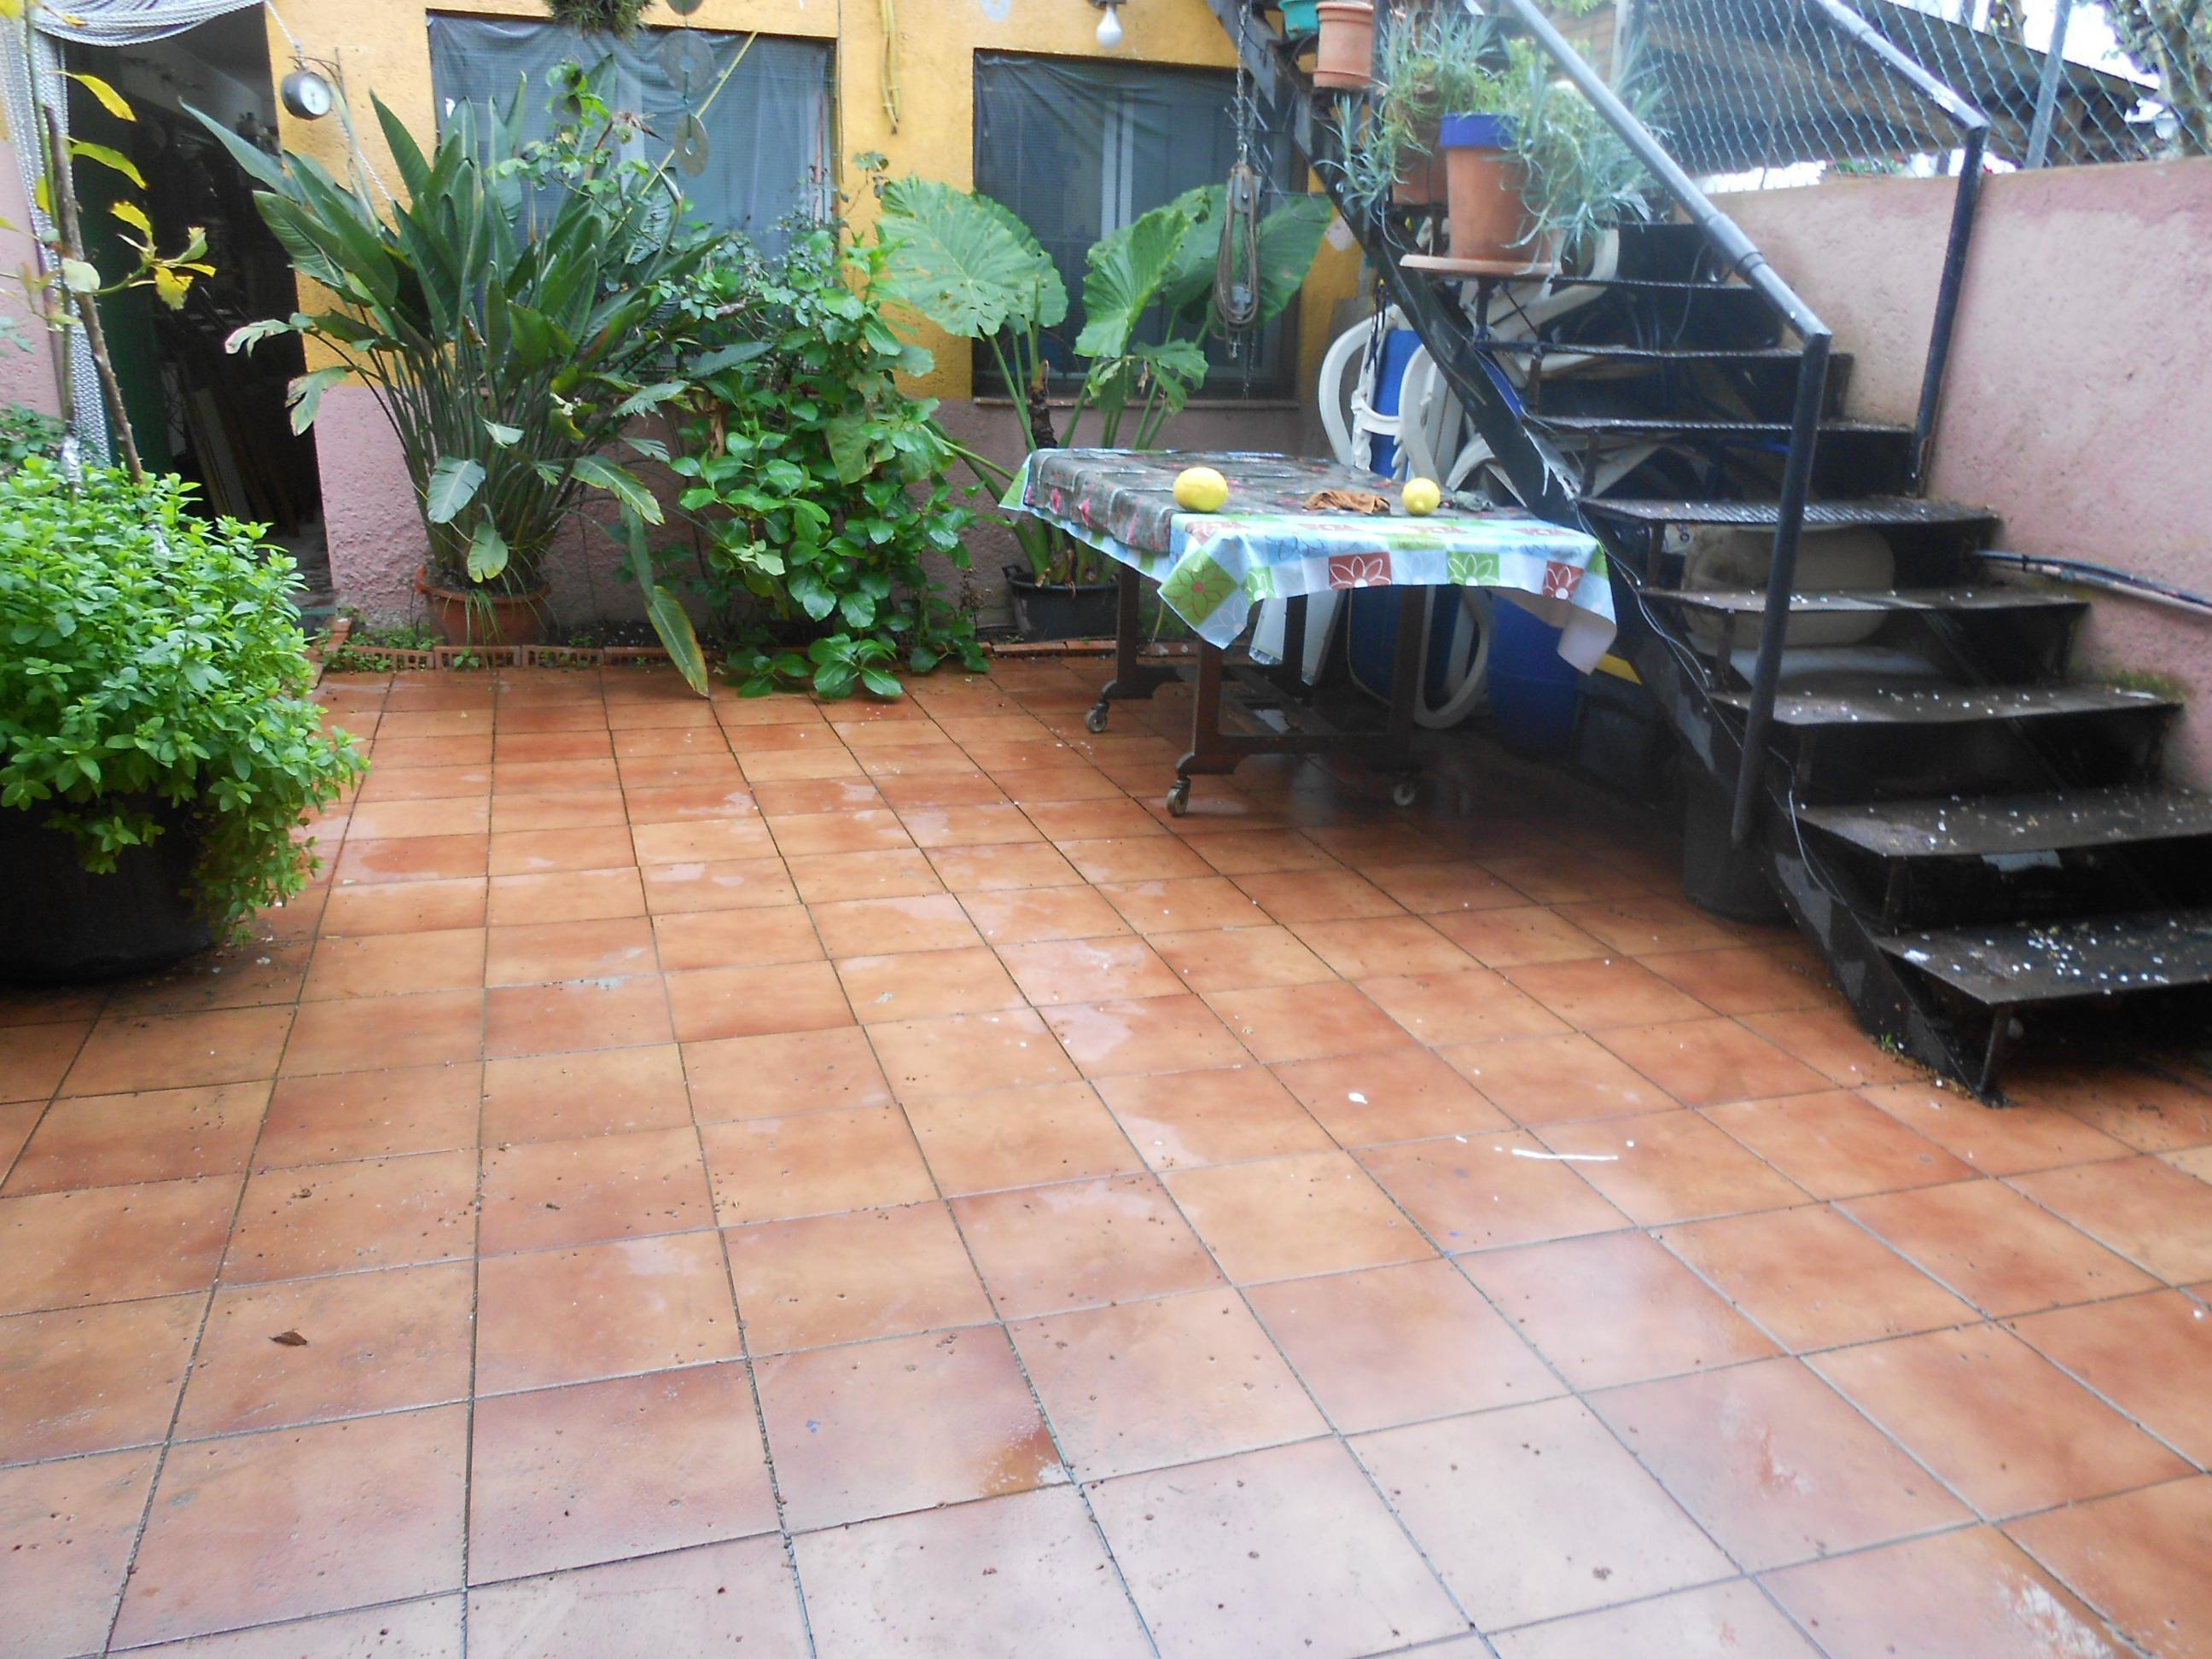 Imagen 2 Casa Adosada en venta en Arenys De Munt / Centro a 1 minuto del ayuntamiento, con garaje